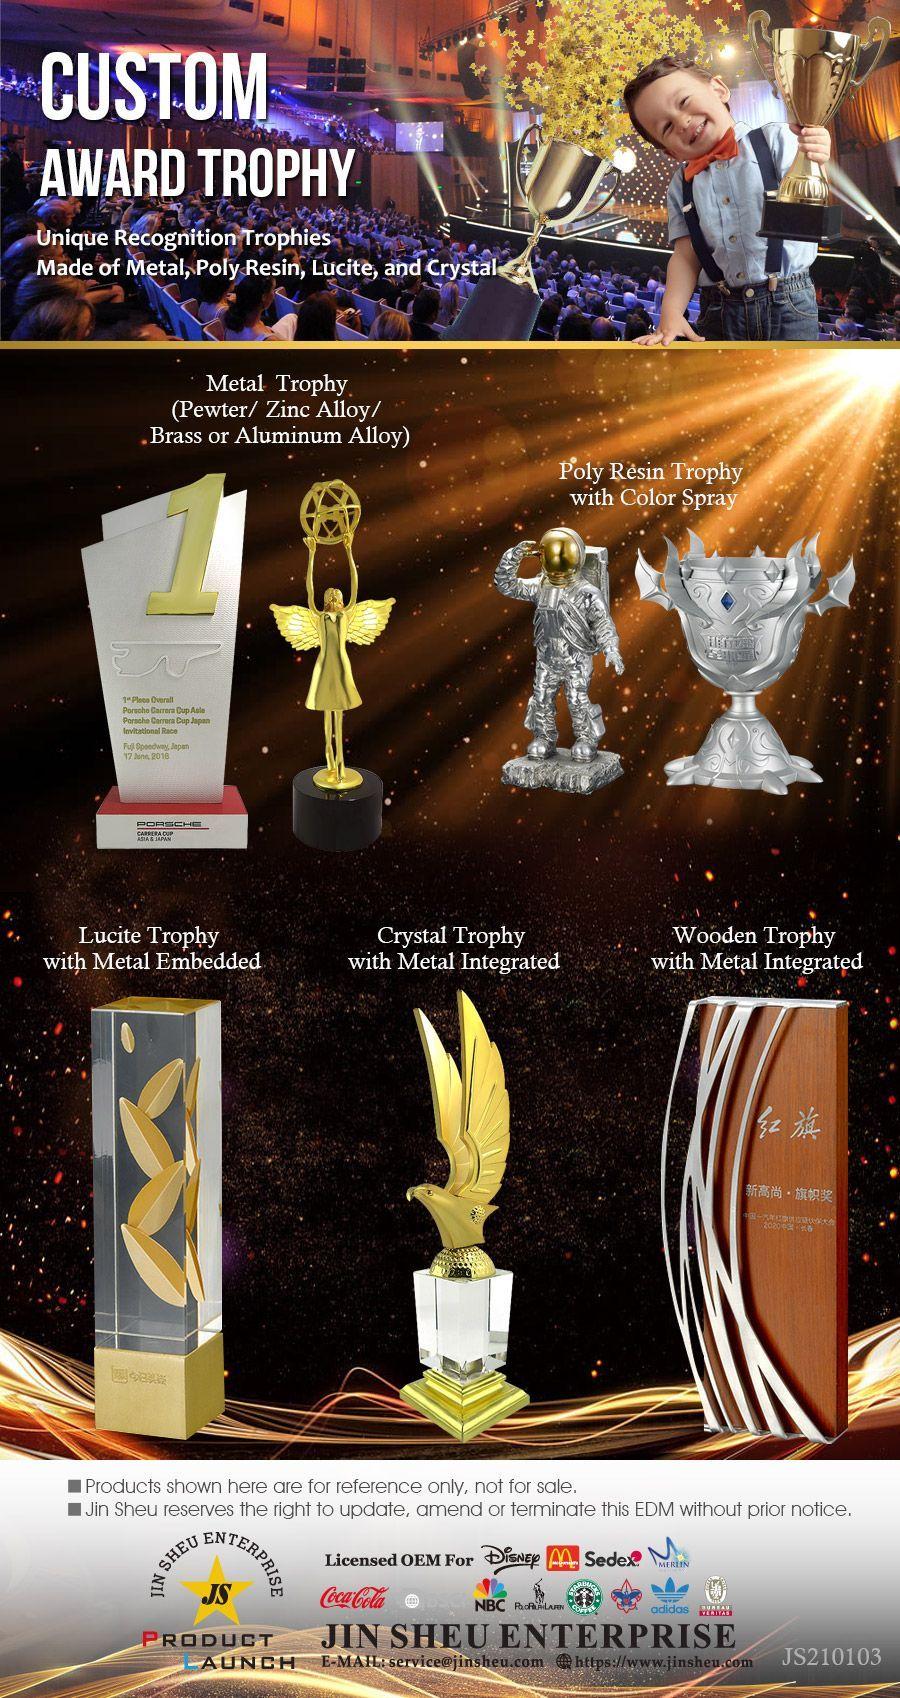 Custom Award Trophies in Various Material